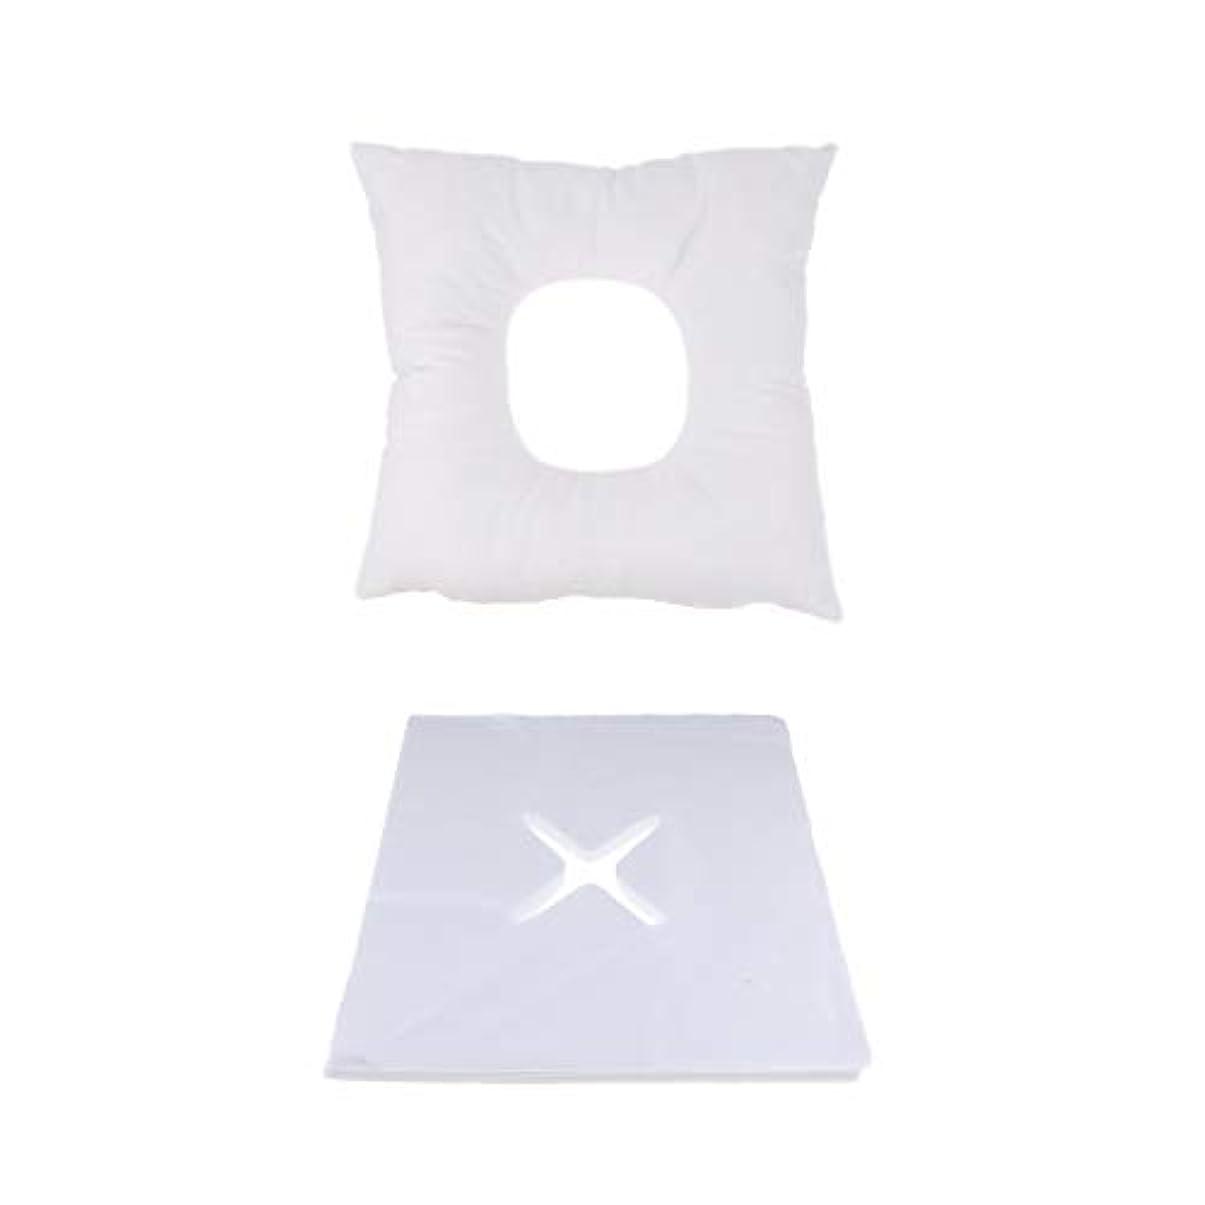 ええ現像事マッサージ用クッション フェイスマット マッサージ枕 顔枕 200個使い捨てカバー付 快適